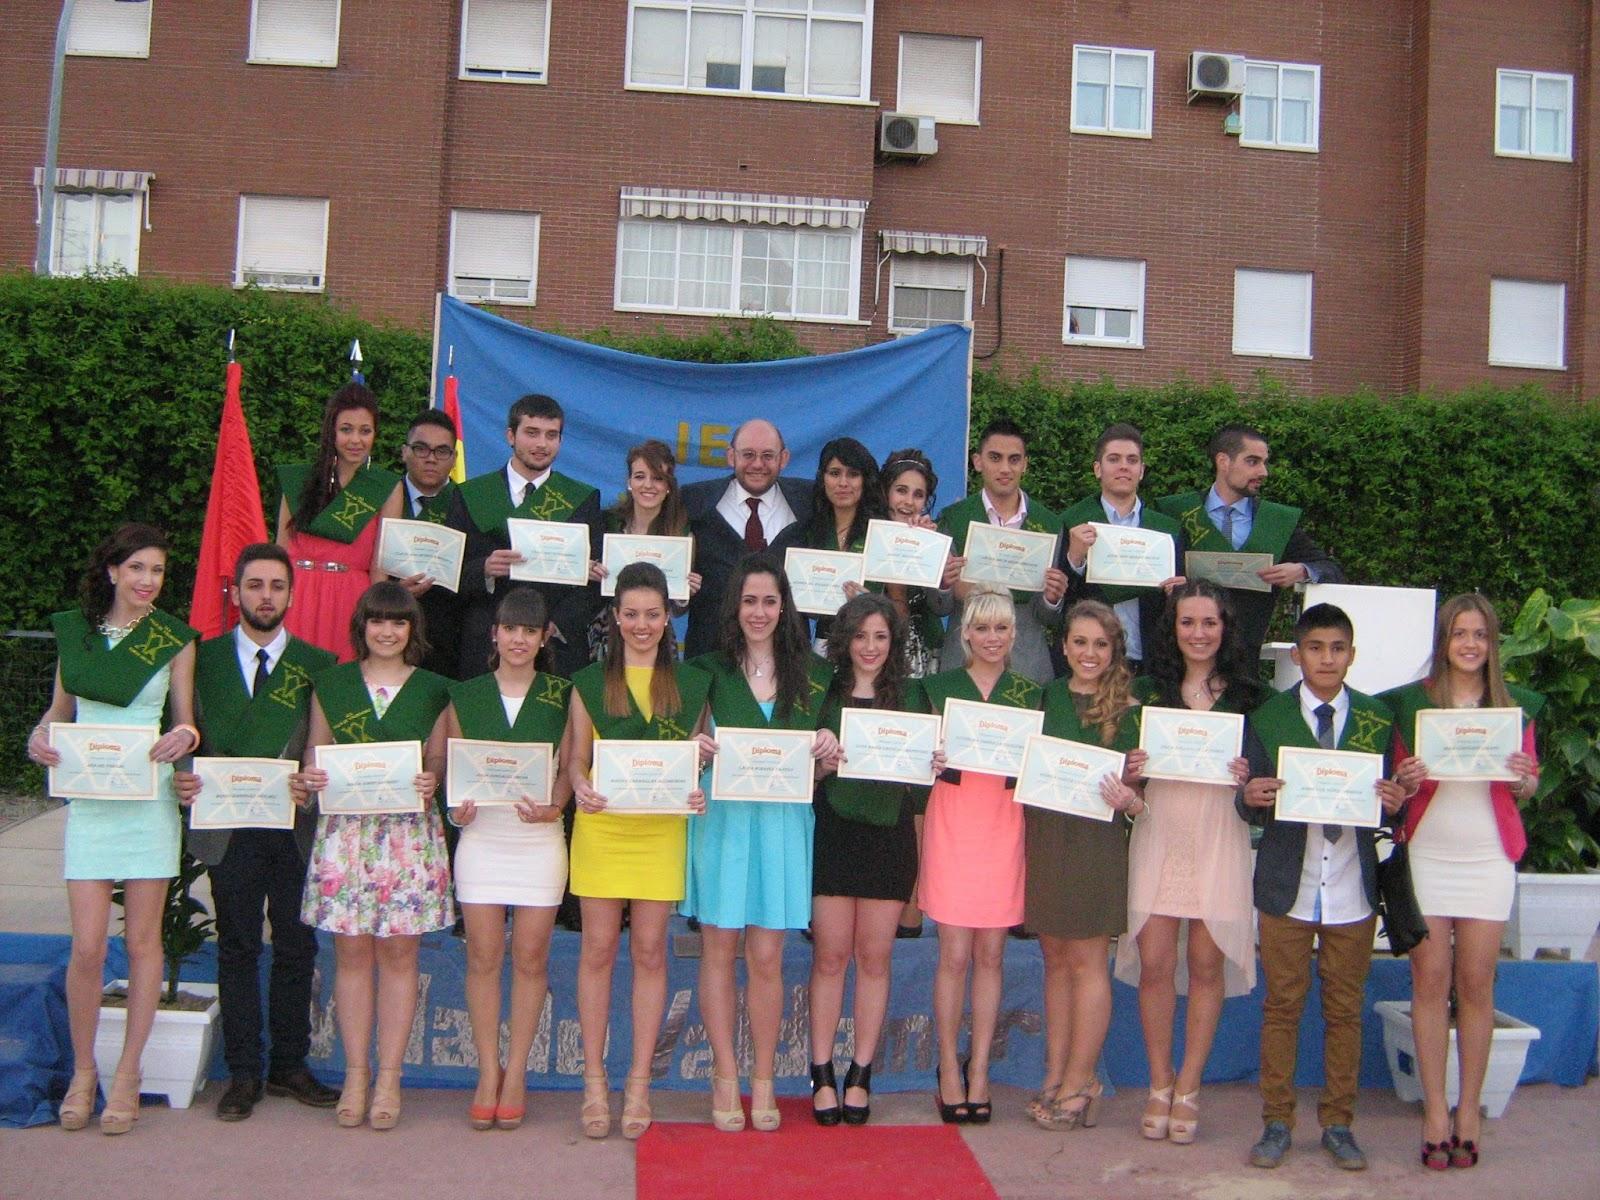 Trizas: Imágenes de la Graduación de Bachillerato 2013 (24-5-2013)